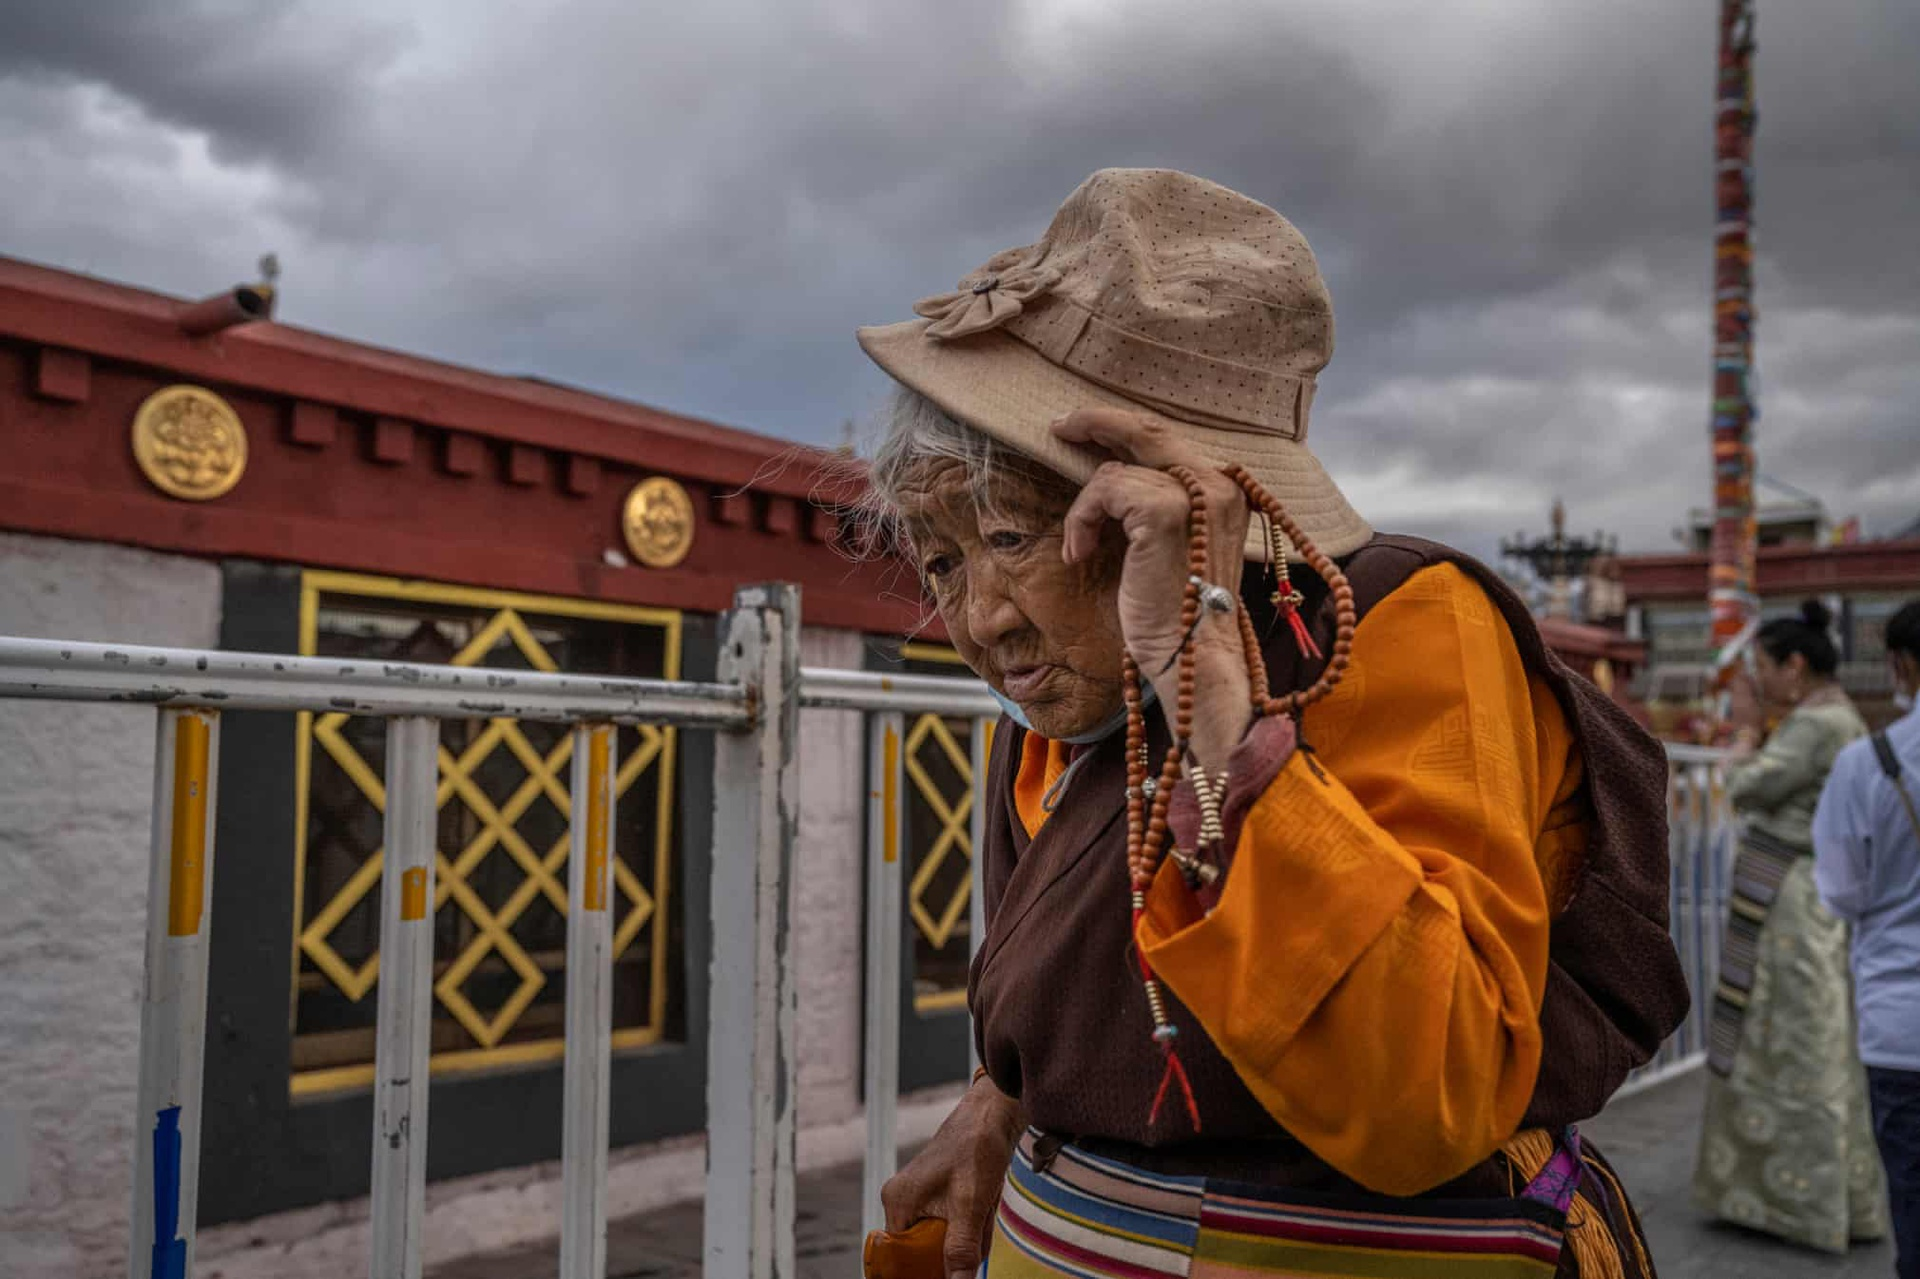 Một phụ nữ đến thăm chùa Đại Chiêu ở Lhasa. Đối với người Tây Tạng, đây là ngôi chùa linh thiêng nhất. Chùa được xây dựng vào khoảng thế kỷ thứ 7. Tới năm 1978, chùa được trùng tu để đón khách. 2 năm sau, chùa chính thức mở cửa đón du khách và những người hành hương.